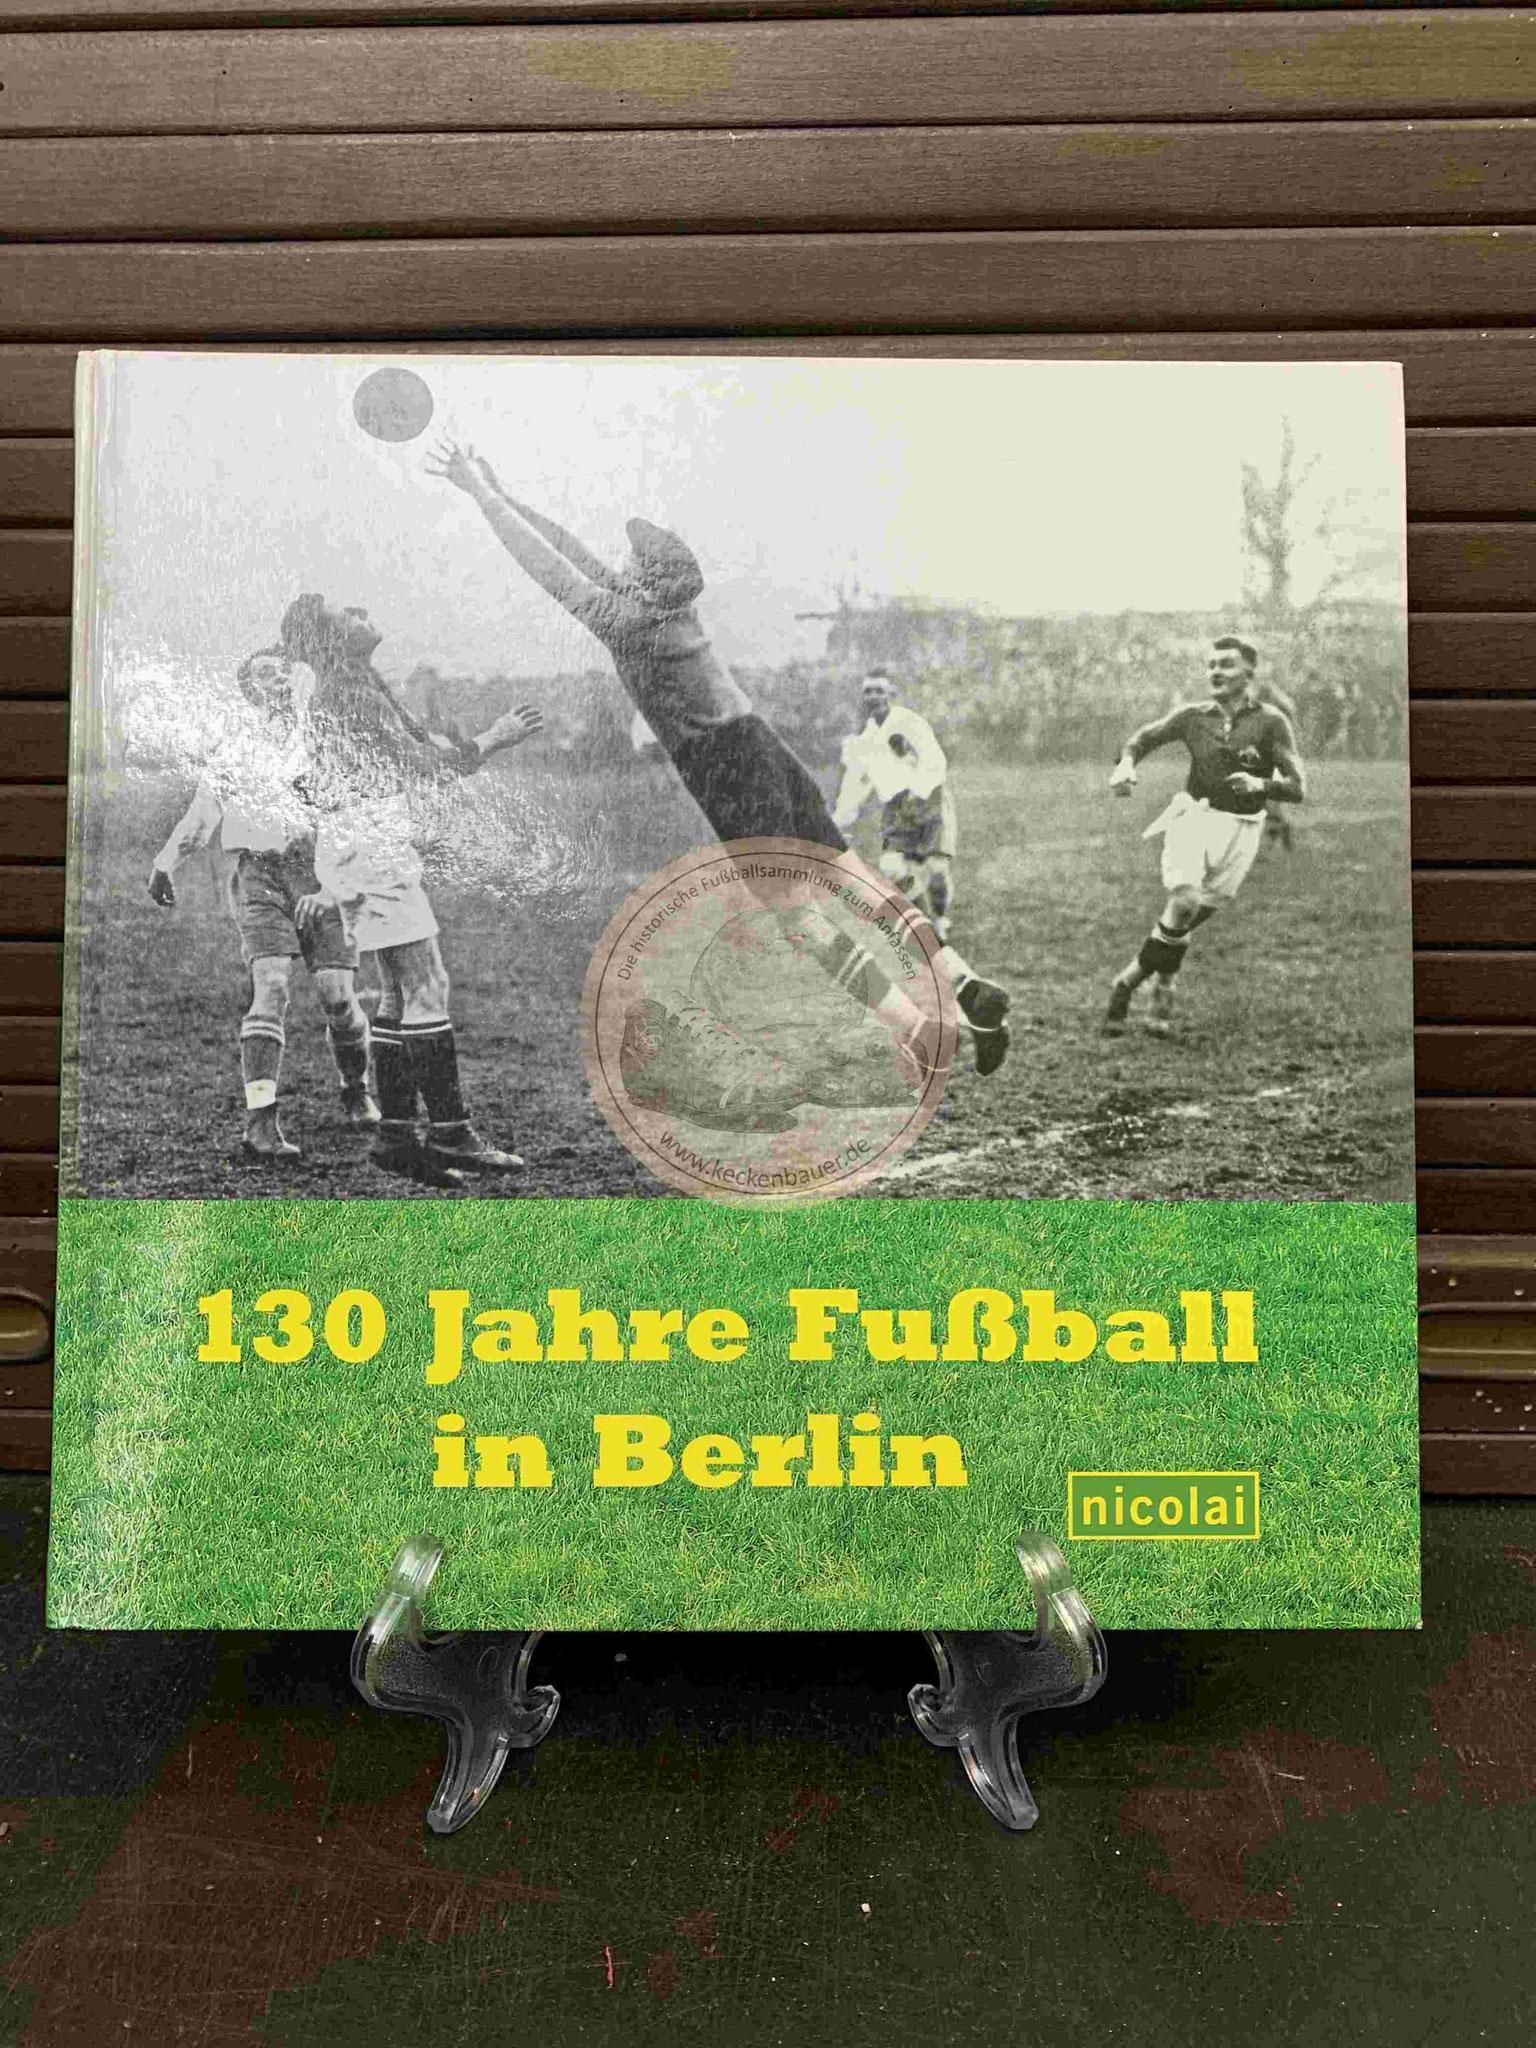 130 Jahre Fußball in Berlin aus dem Jahr 2006